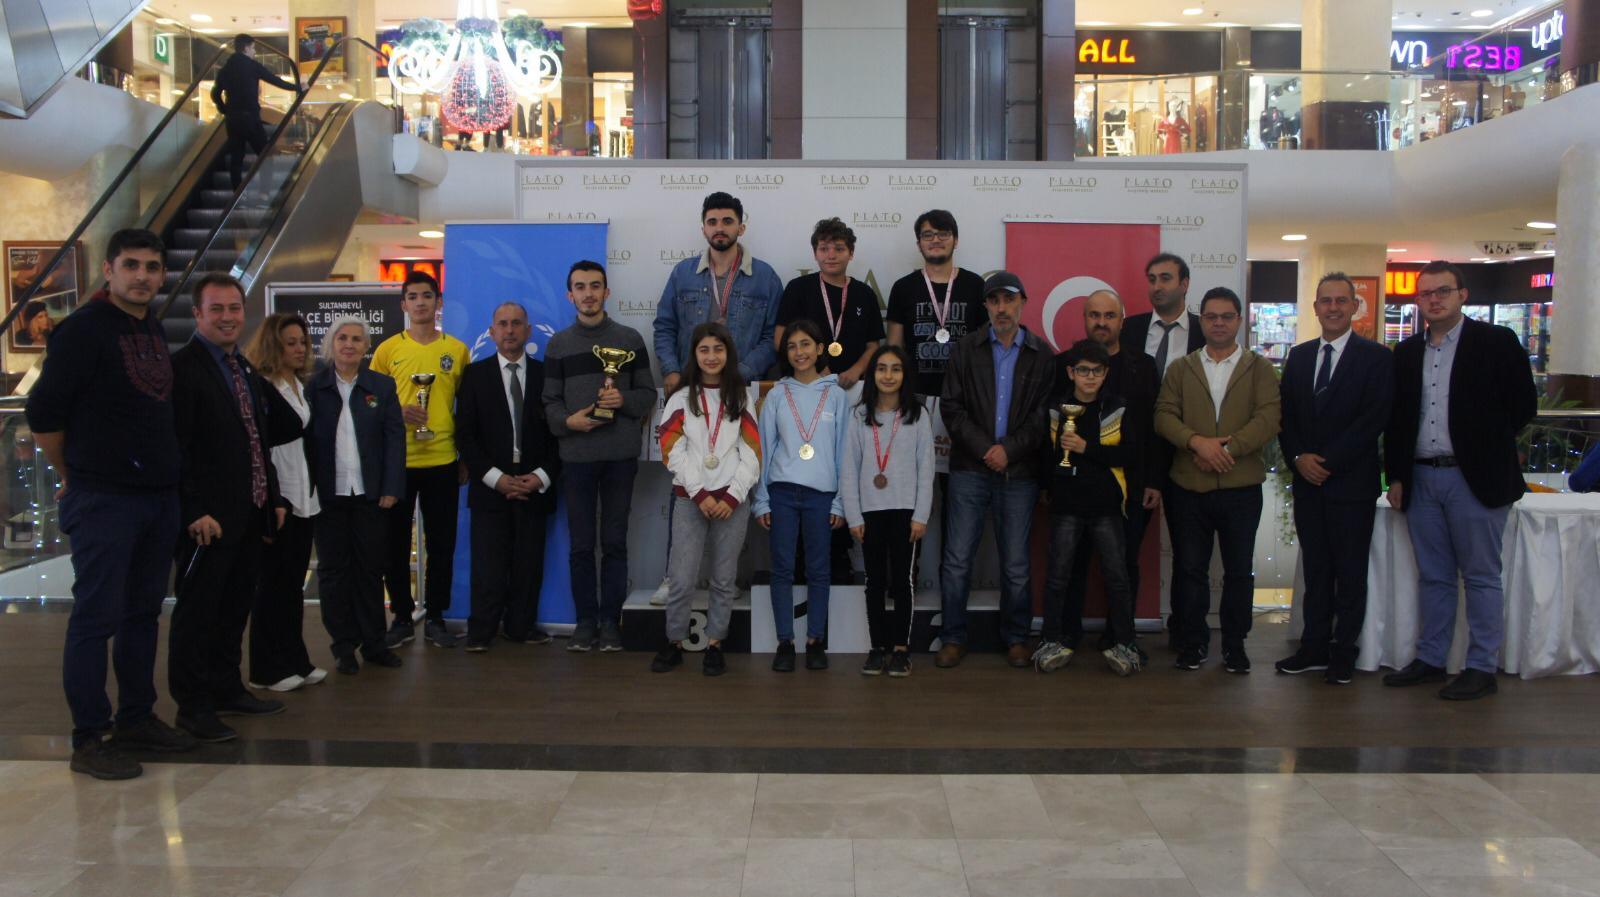 Sultanbeyli satranç turnuvası Plato AVM 'de